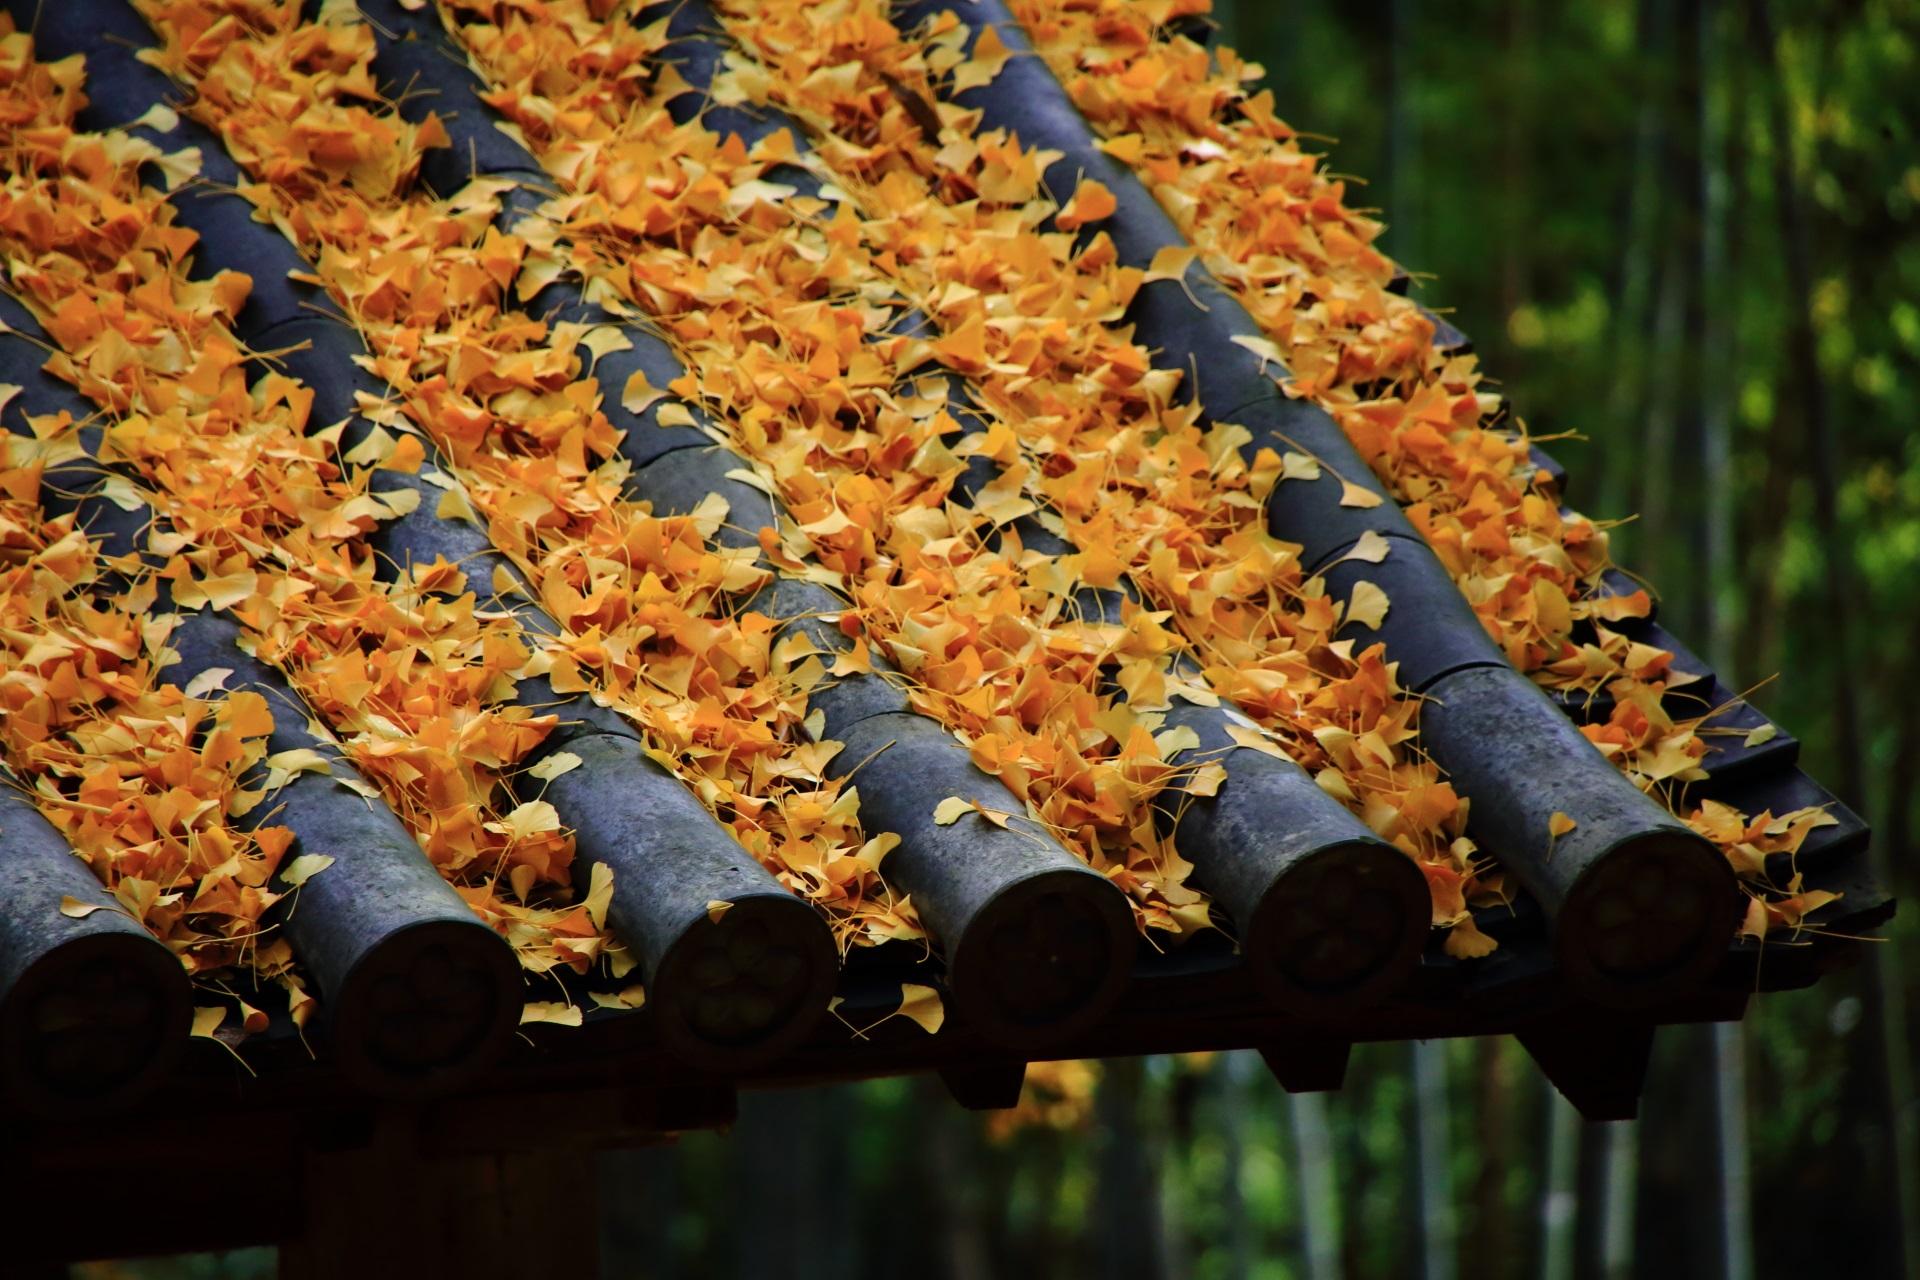 こぼれんばかりに積もる散った銀杏の葉